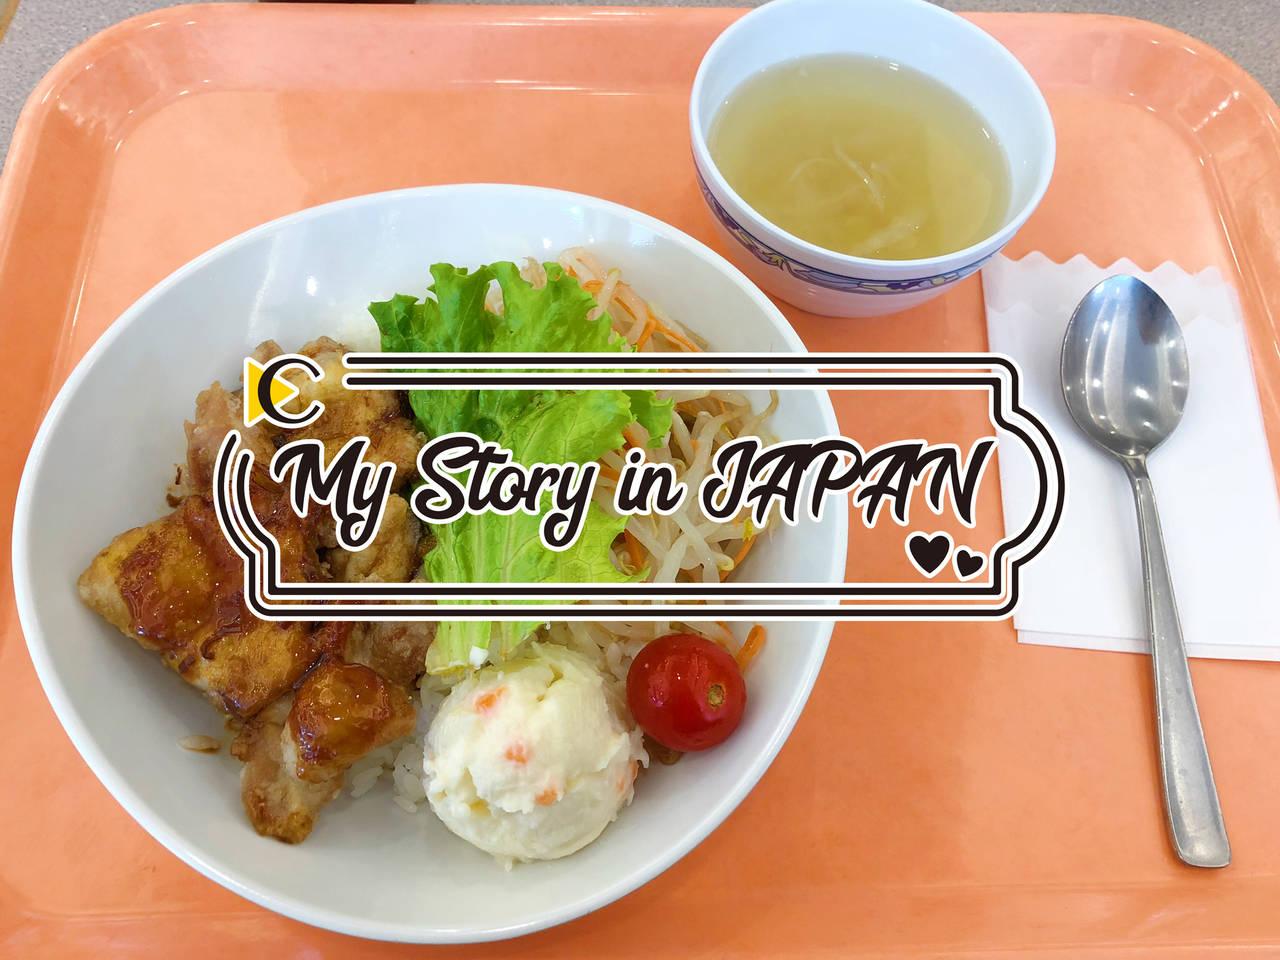 日本學校的食堂都吃些什麼?便宜拉麵、蛋包飯應有盡有!